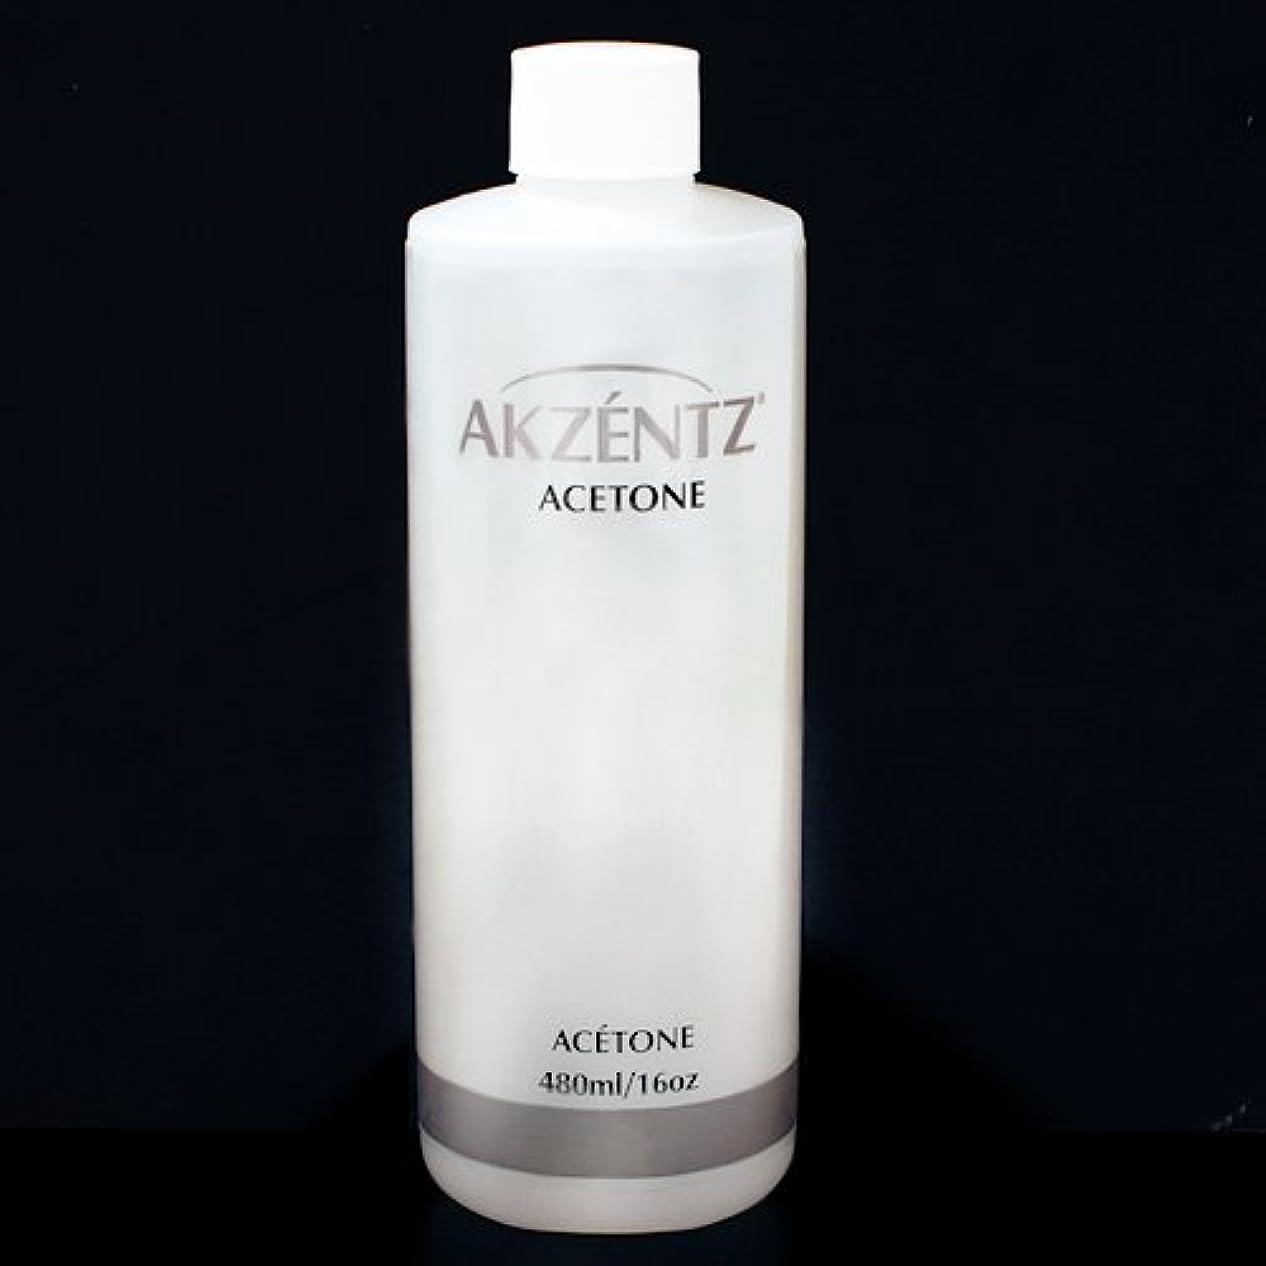 電極にやにや呼吸するアクセンツ(AKZENTZ) ネイルリムーバー (アセトン) 480ml